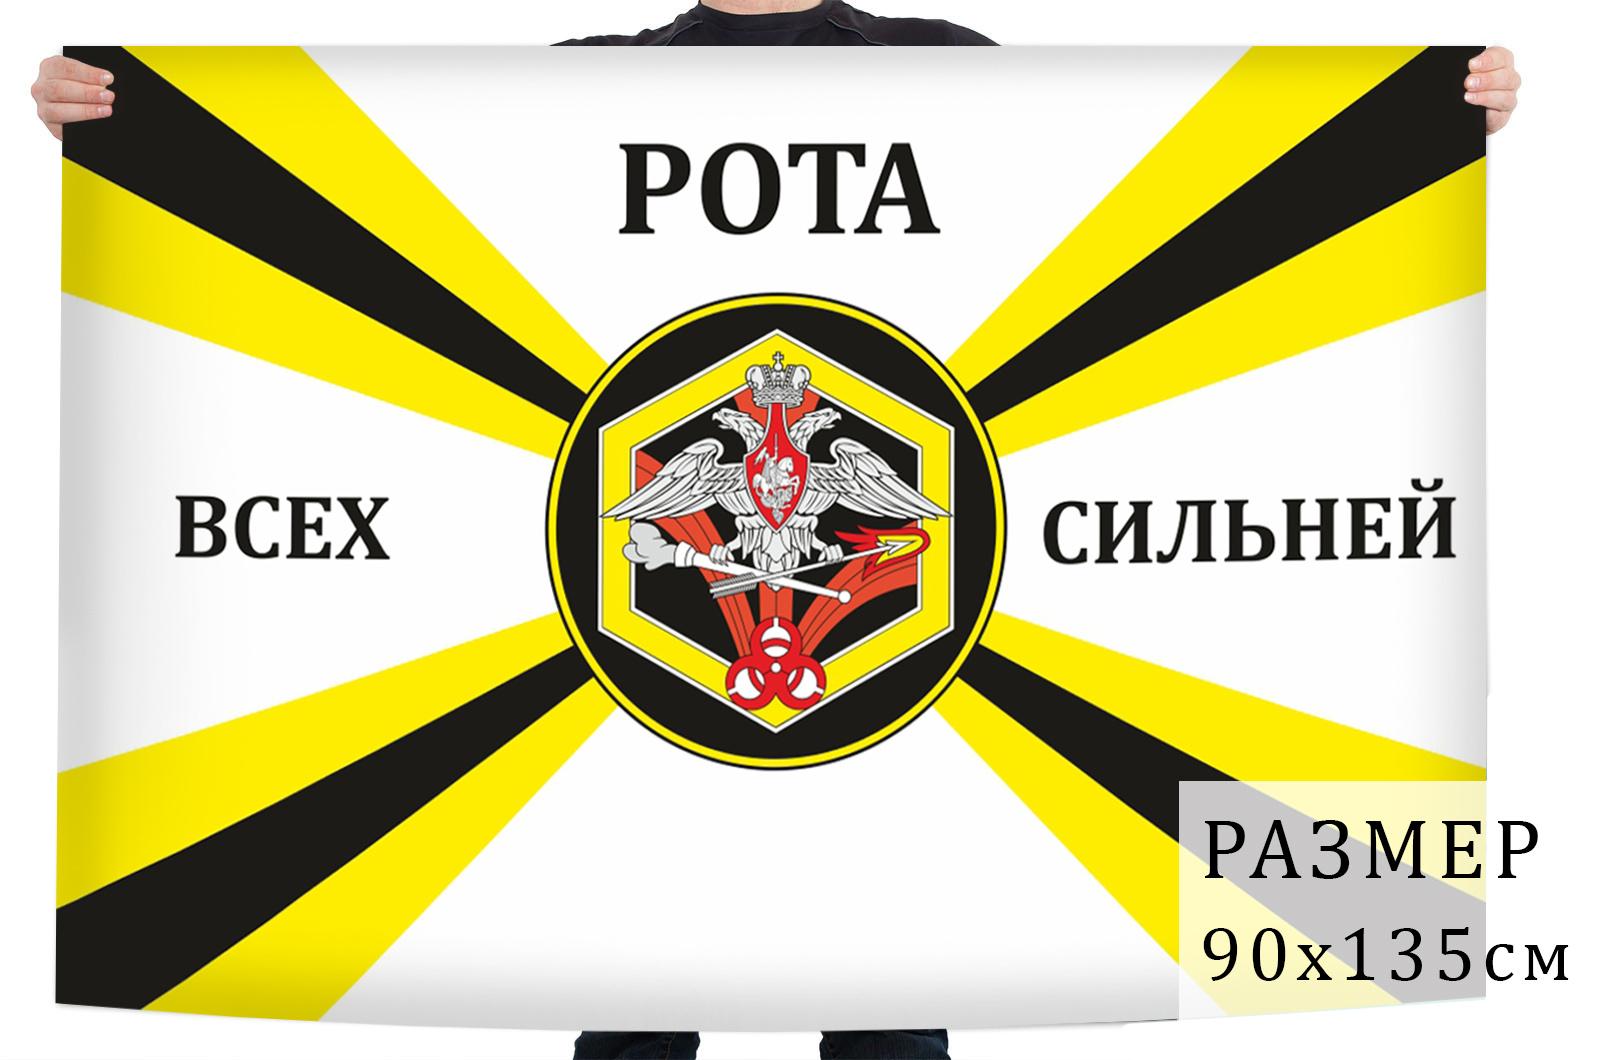 Купить в Москве флаг Рота РХБЗ всех сильней